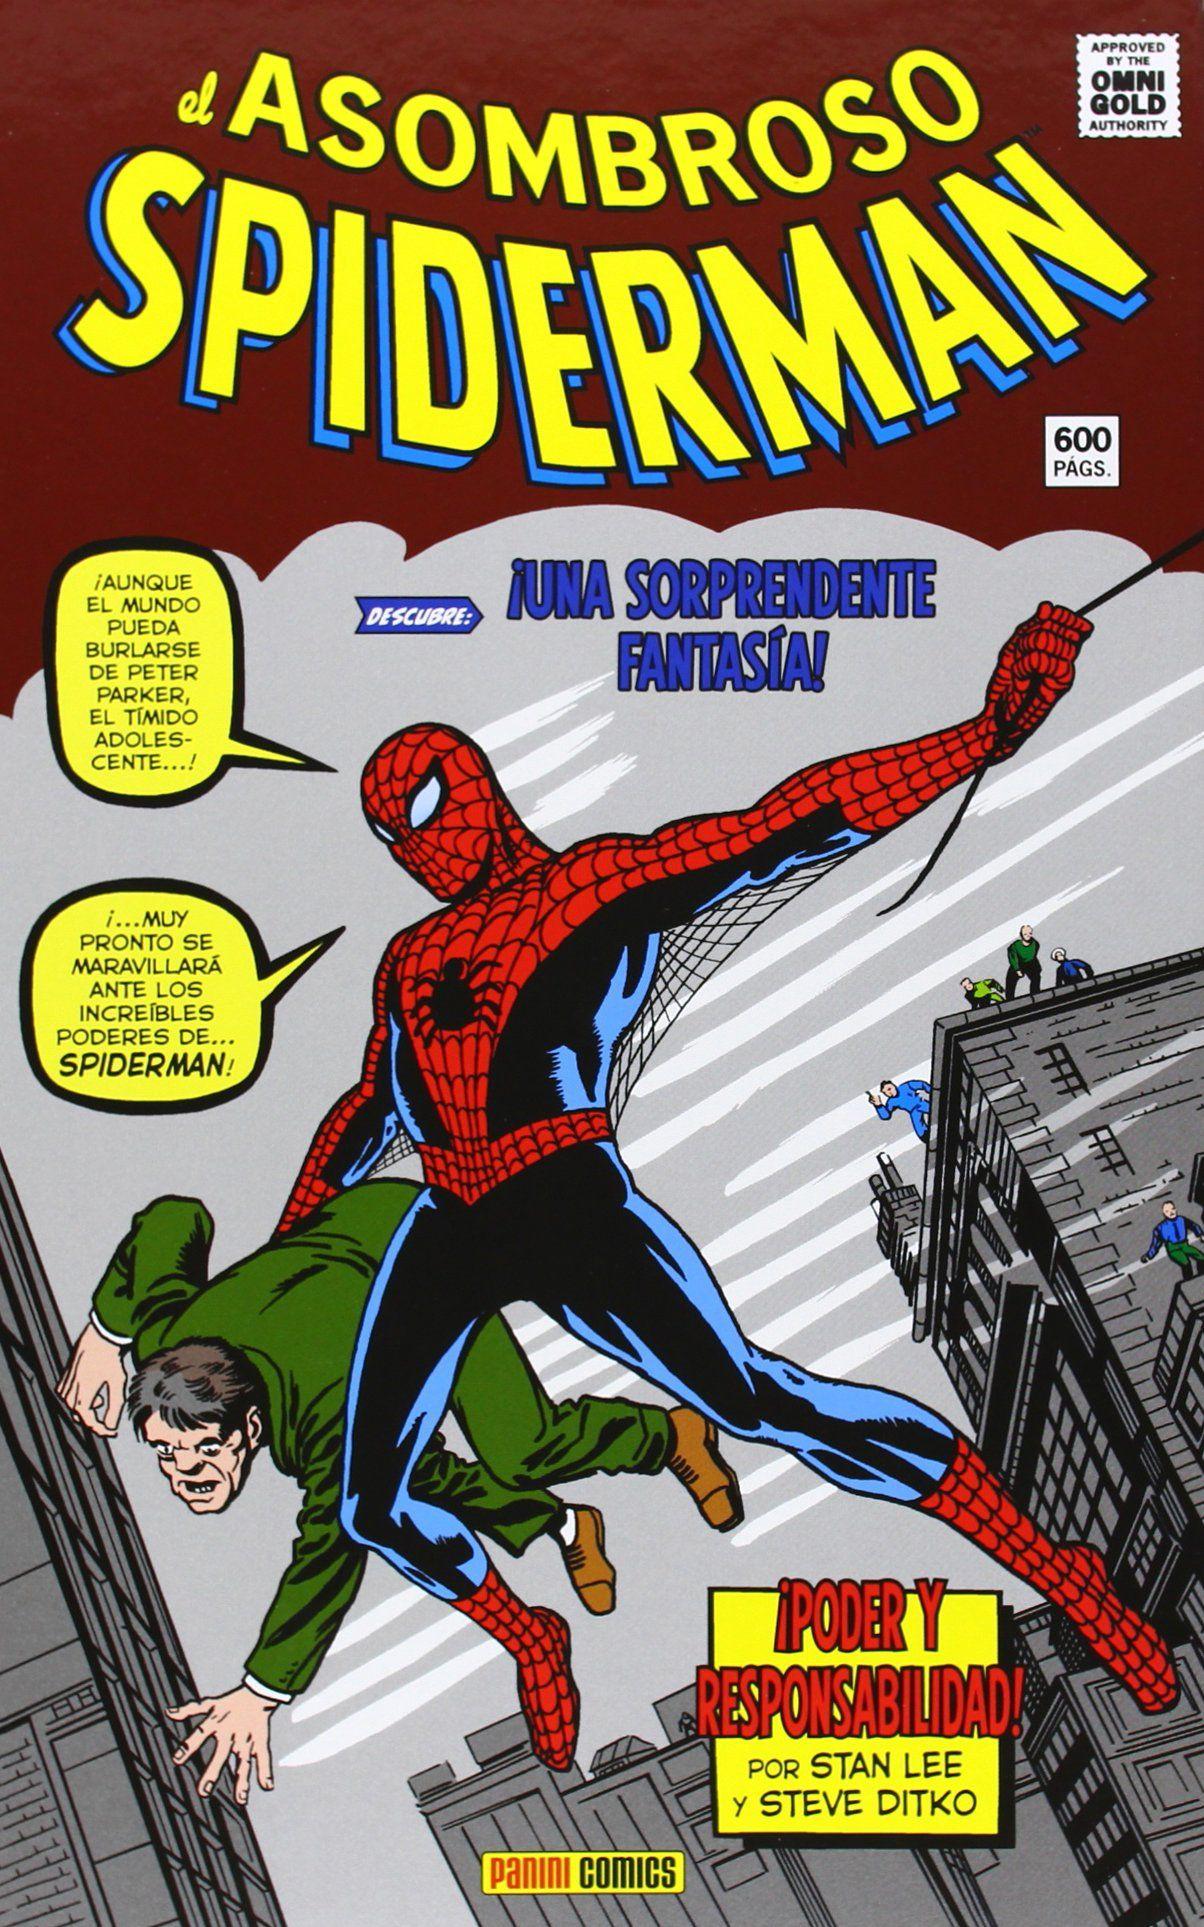 El Asombroso Spiderman. ¡Poder Y Responsabilidad! (Marvel Gold)Tapa dura StanLee